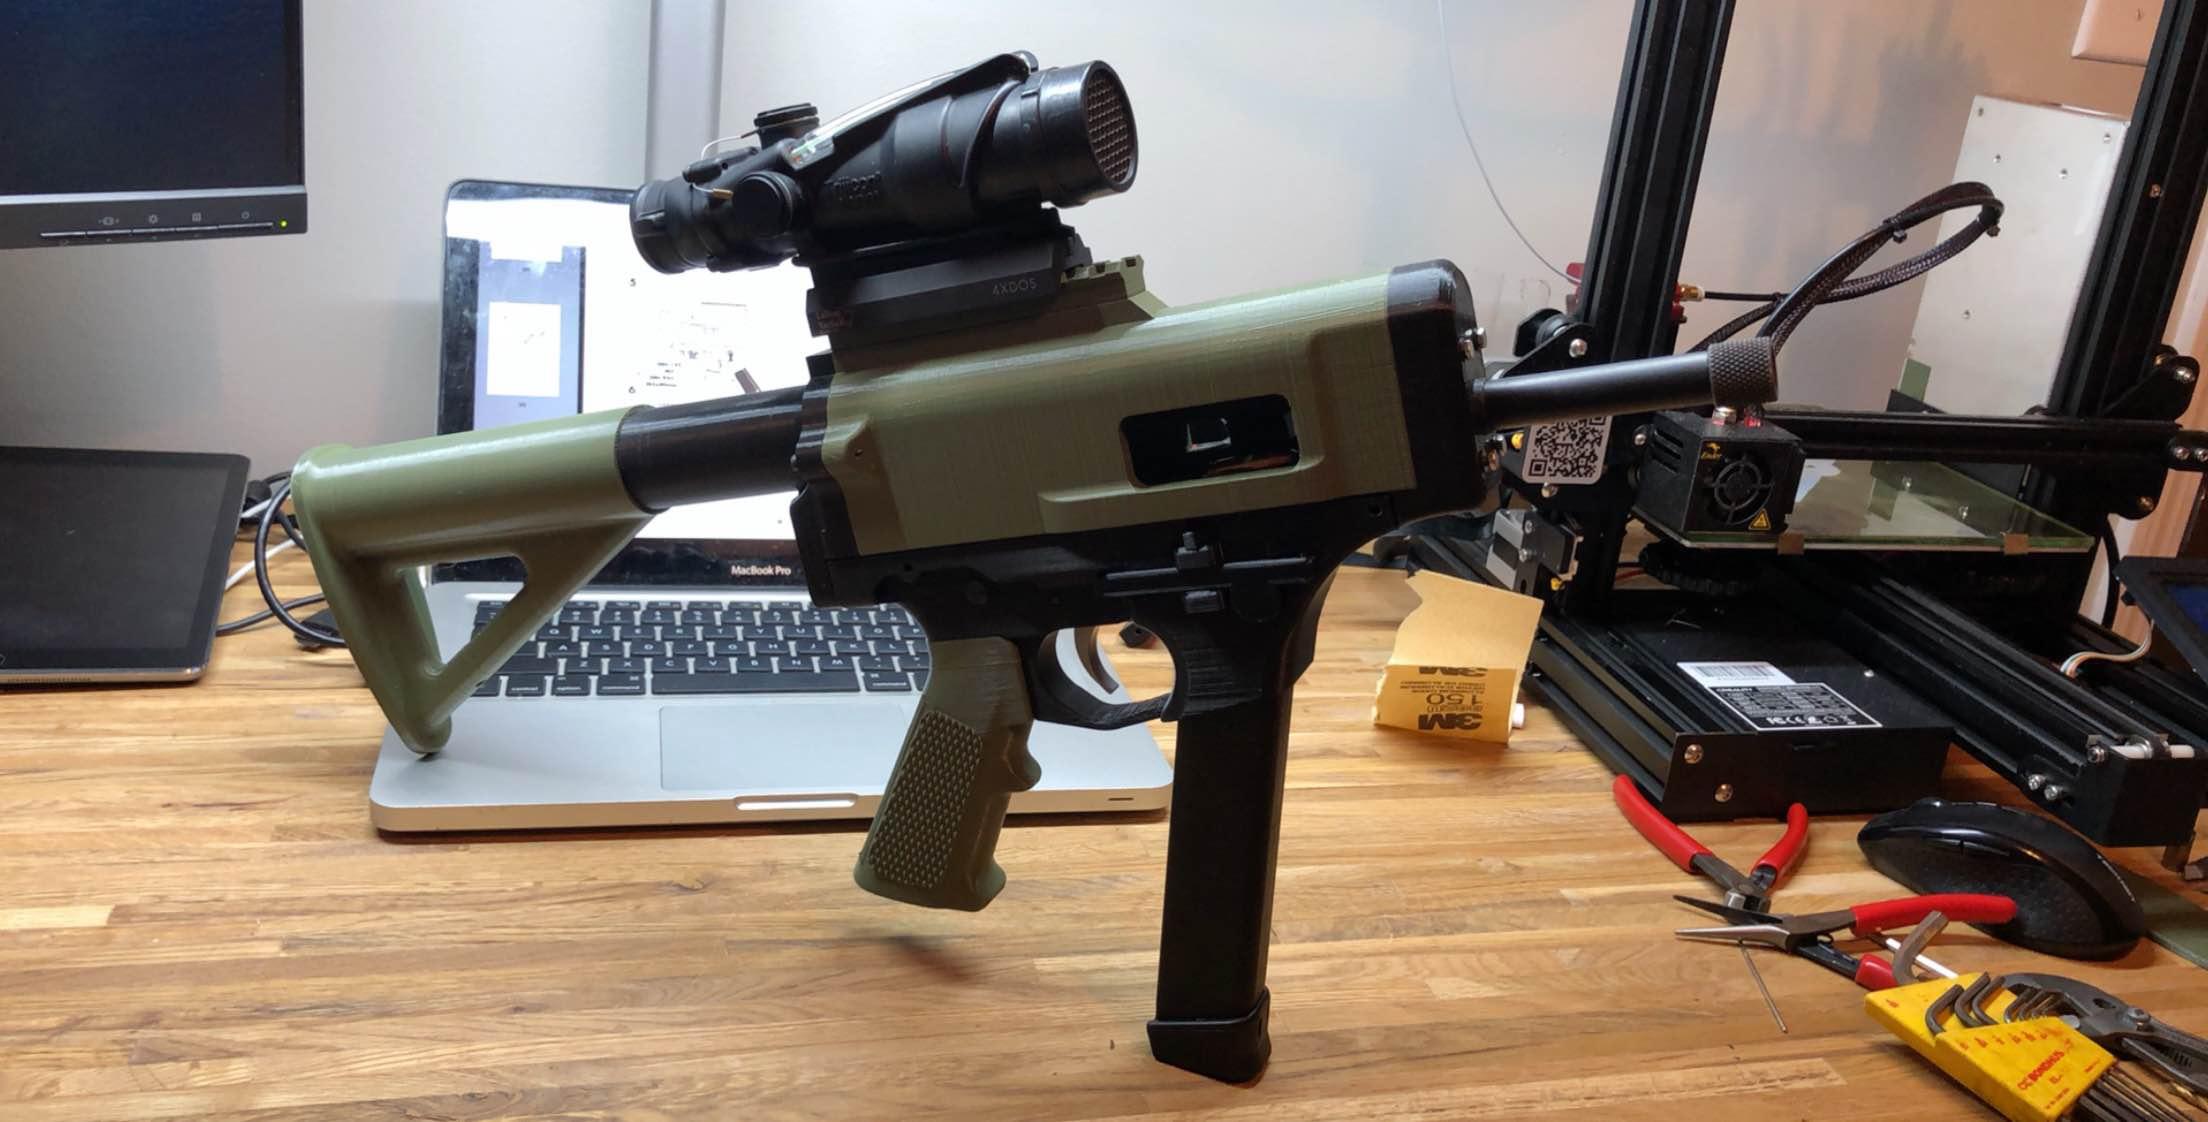 Огнестрельный DIY: история и перспективы 3D-печатного оружия - 21